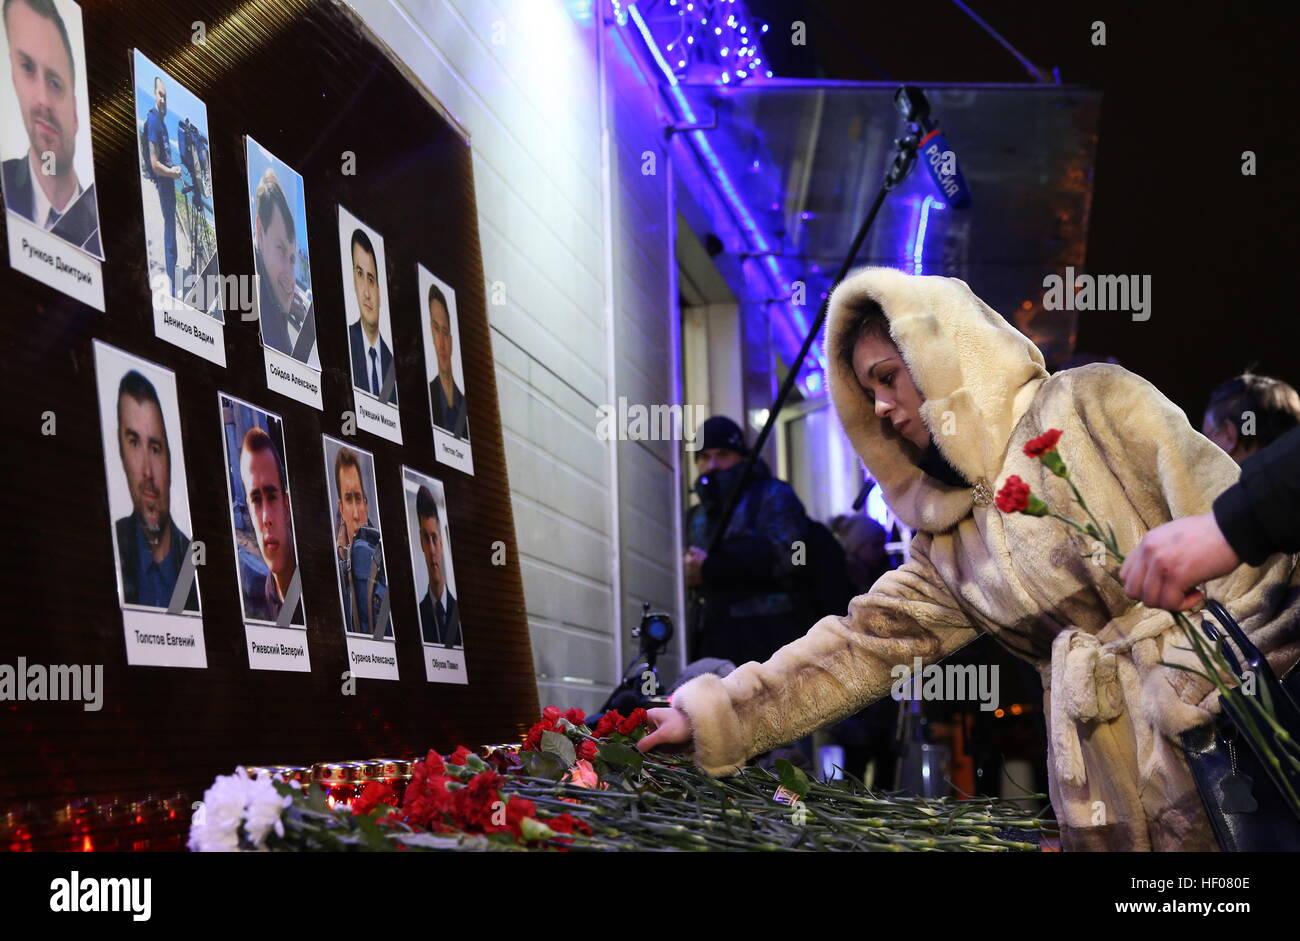 Moskau, Russland. 25. Dezember 2016. Fotos von Channel One, NTV und Zvezda TV Kanäle Journalisten getötet bei einem Stockfoto